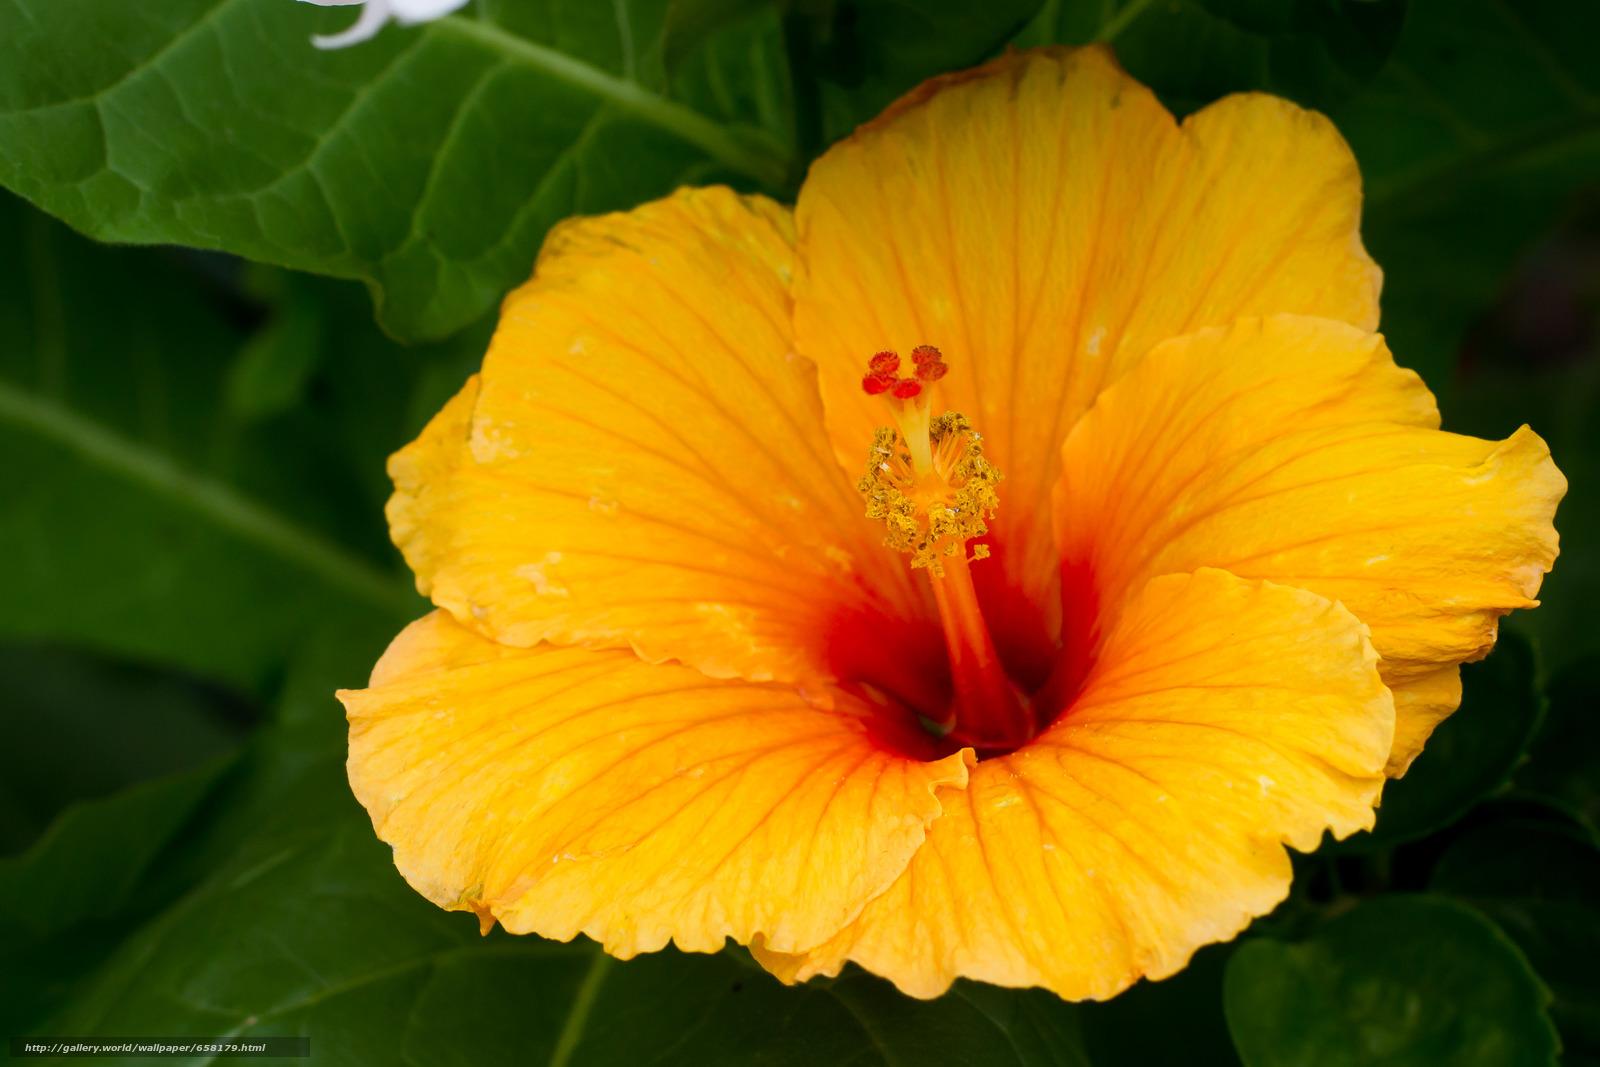 Скачать обои Гибискус,  Hibiscus,  цветы,  цветок бесплатно для рабочего стола в разрешении 3948x2632 — картинка №658179